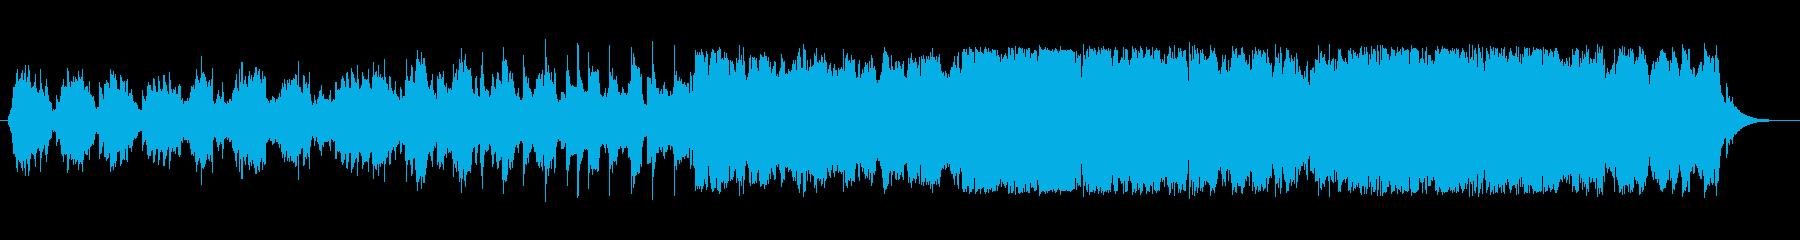 達成感のある管弦バラード曲の再生済みの波形